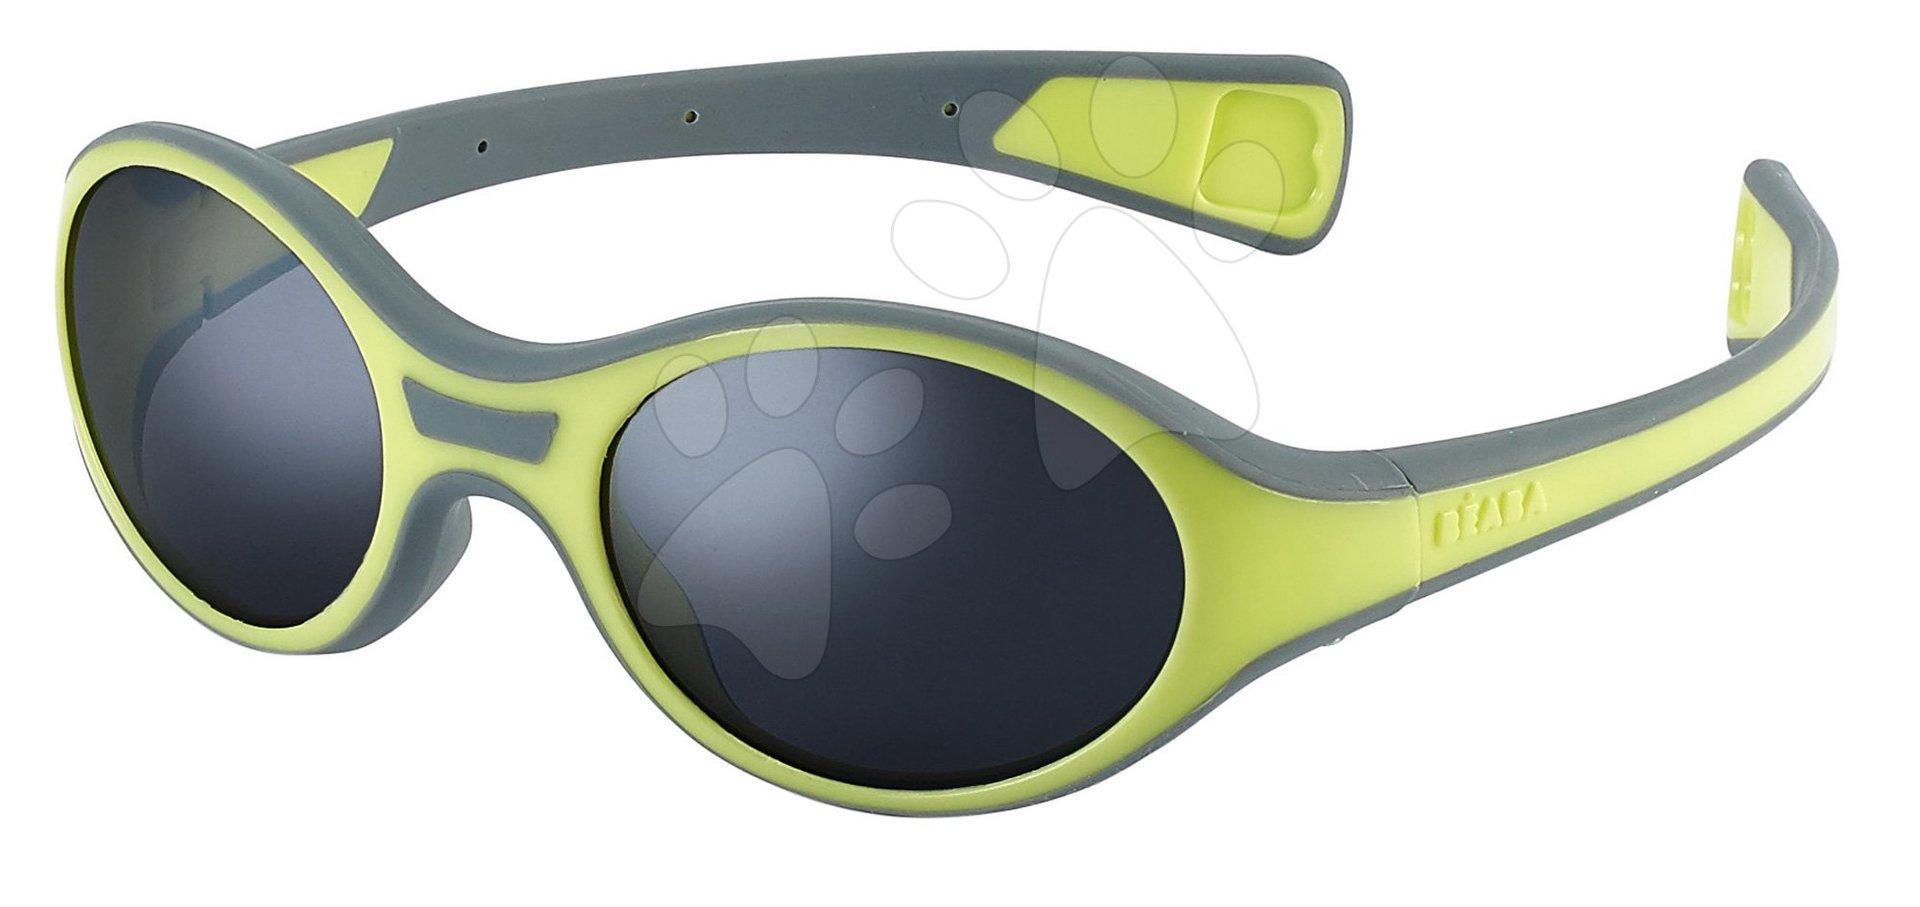 Napszemüveg Beaba Kids M UV szűrő 3 zöld ca0371f2e8